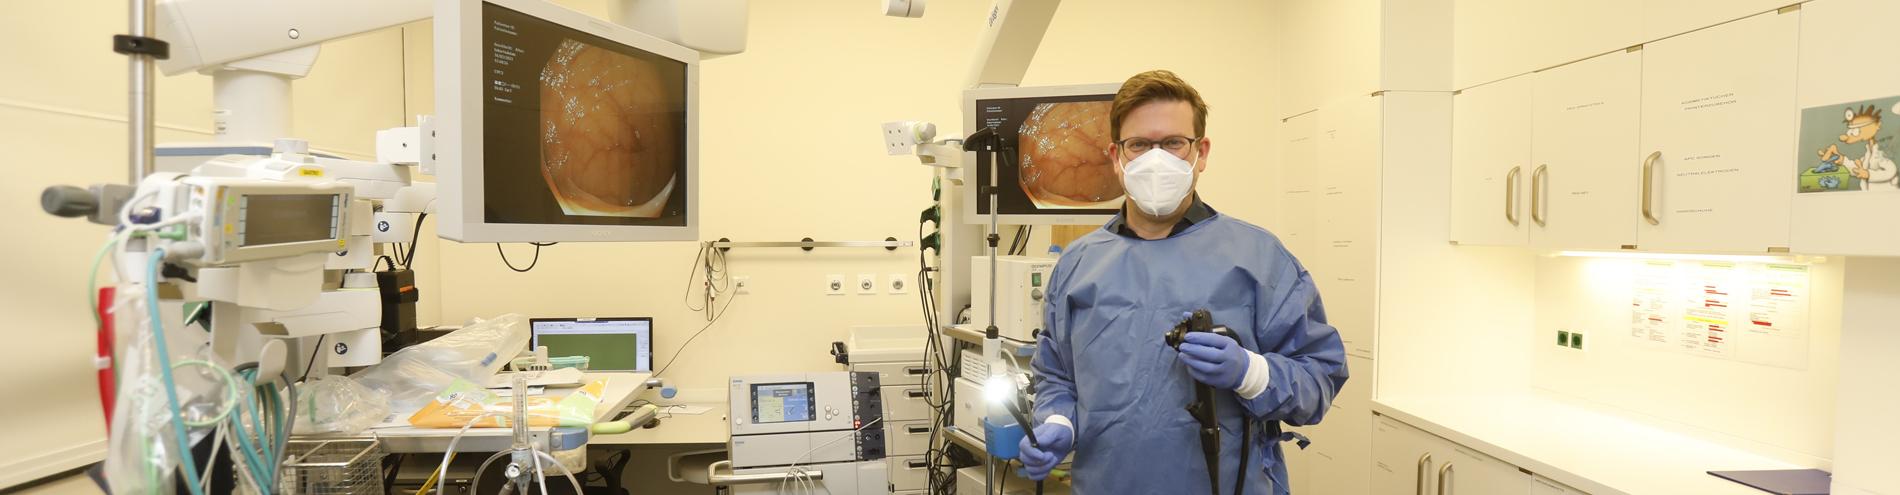 Bild passend zu Schwerpunkte der Endoskopie